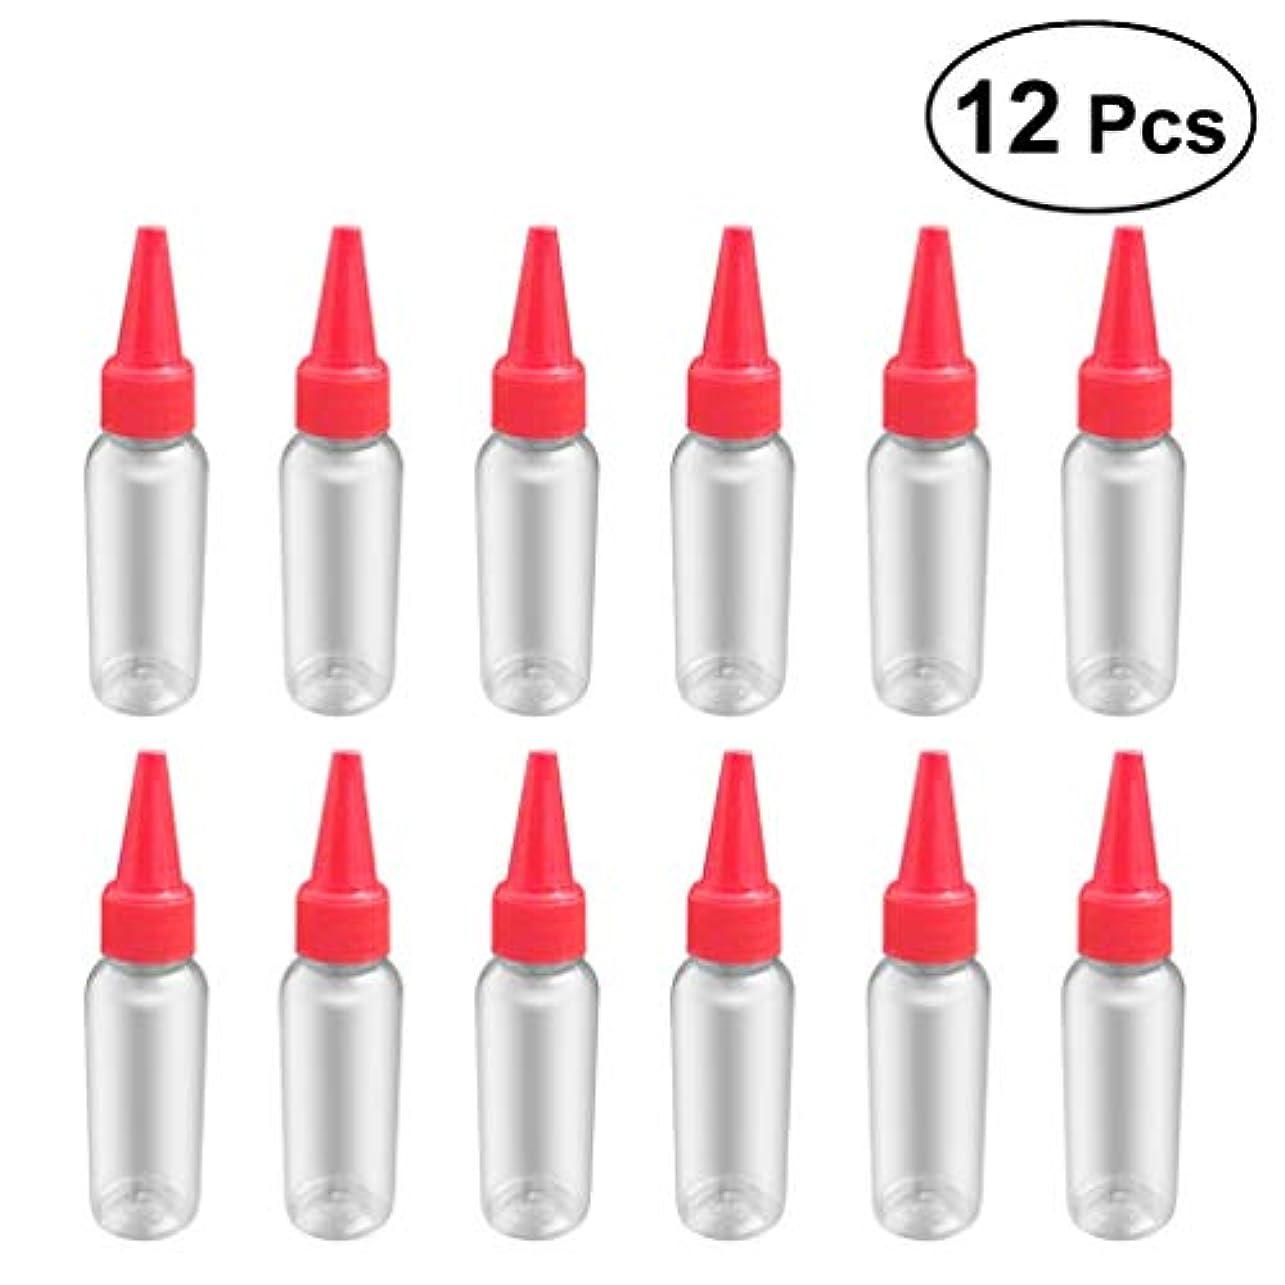 一過性僕の雑多なSUPVOX 12ピース プラスチック アプリケーターボトル スクイズフロー デザイン チップキャップ 空ボトル 用液体 オイルグルー ディスペンサー ヘアカラー 40ml(赤)